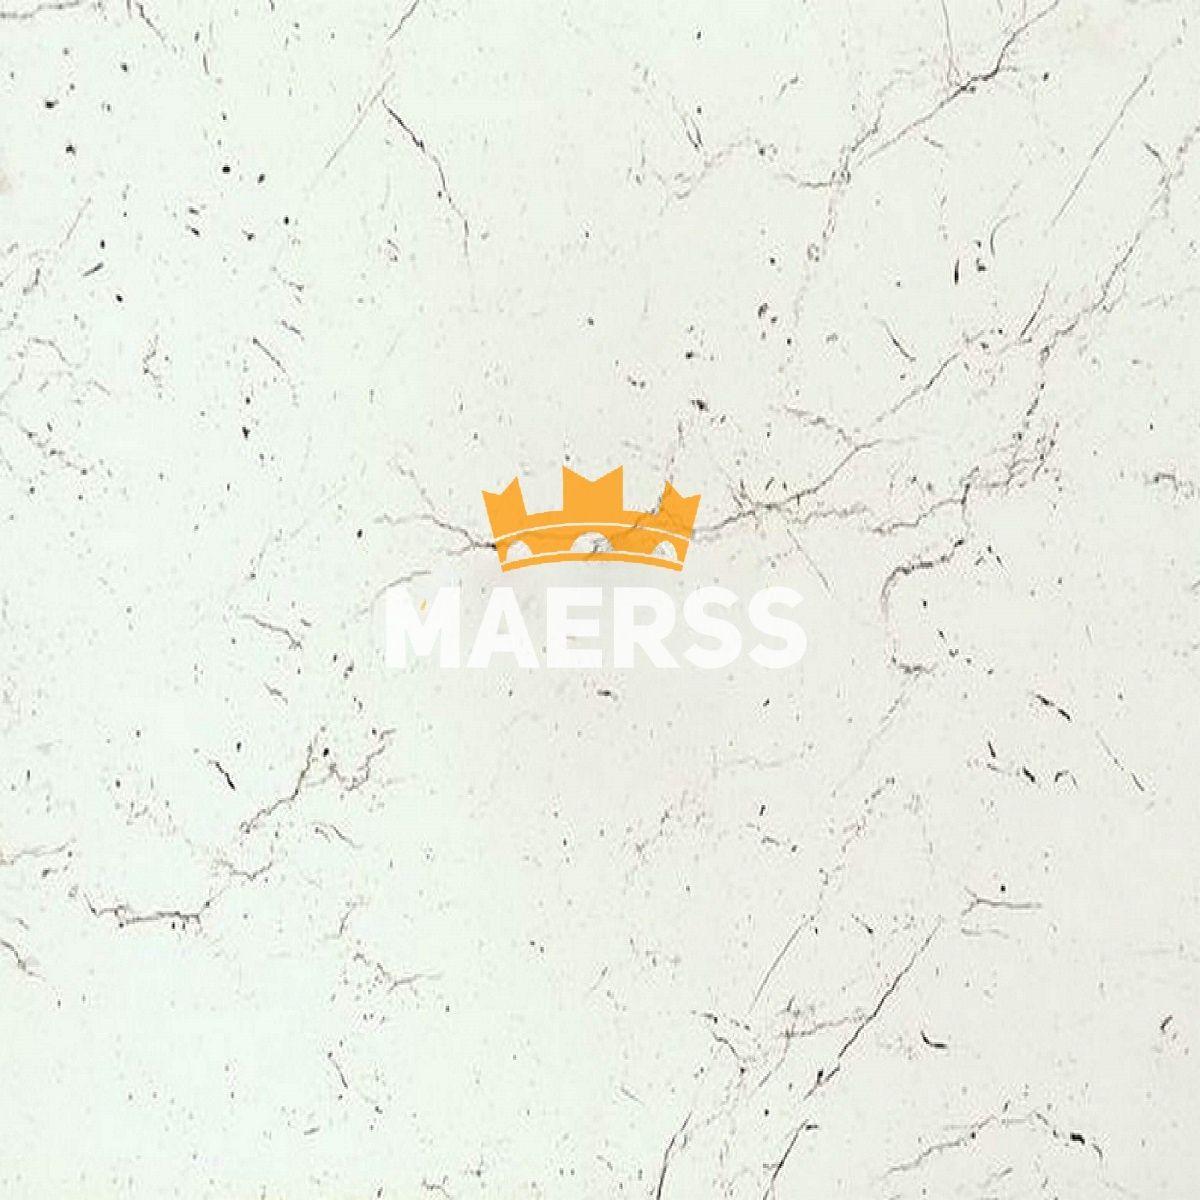 3028/S 3гр. Мрамор Марквина белый Стеновая панель 6*600*3050мм, купить на заказ в интернет магазине МАЕРСС